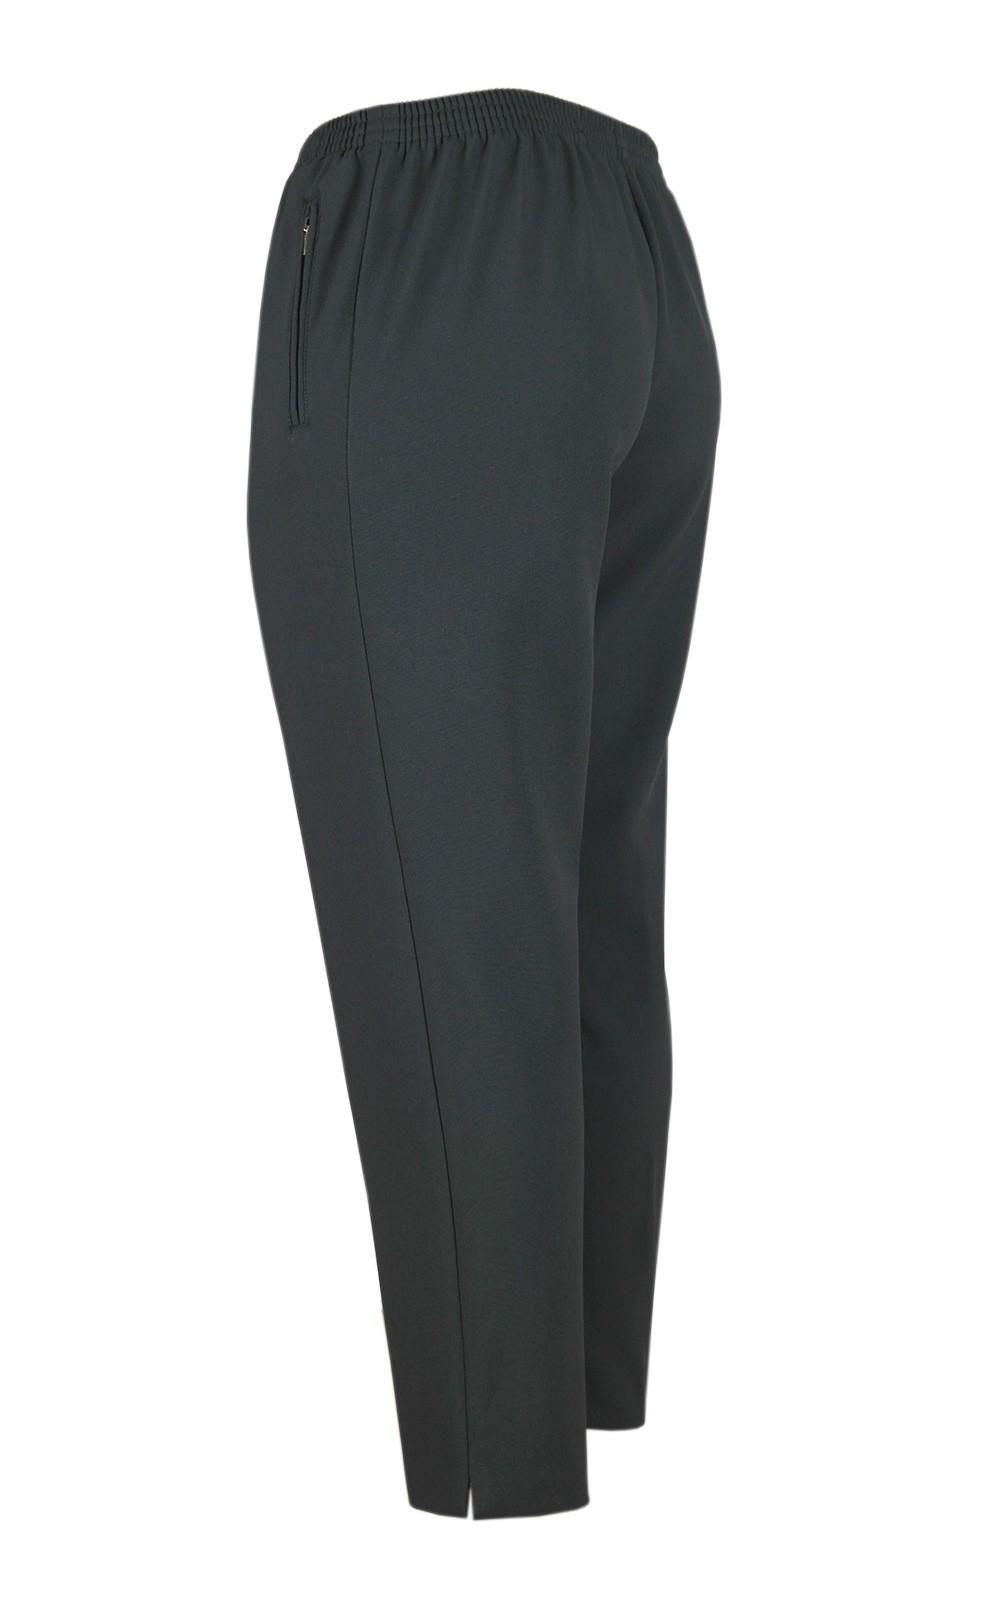 Damen Thermo Schlupfhose, warme Winterhose aus Doppelschicht Stoff, K-Größen anthrazit Hinteransicht